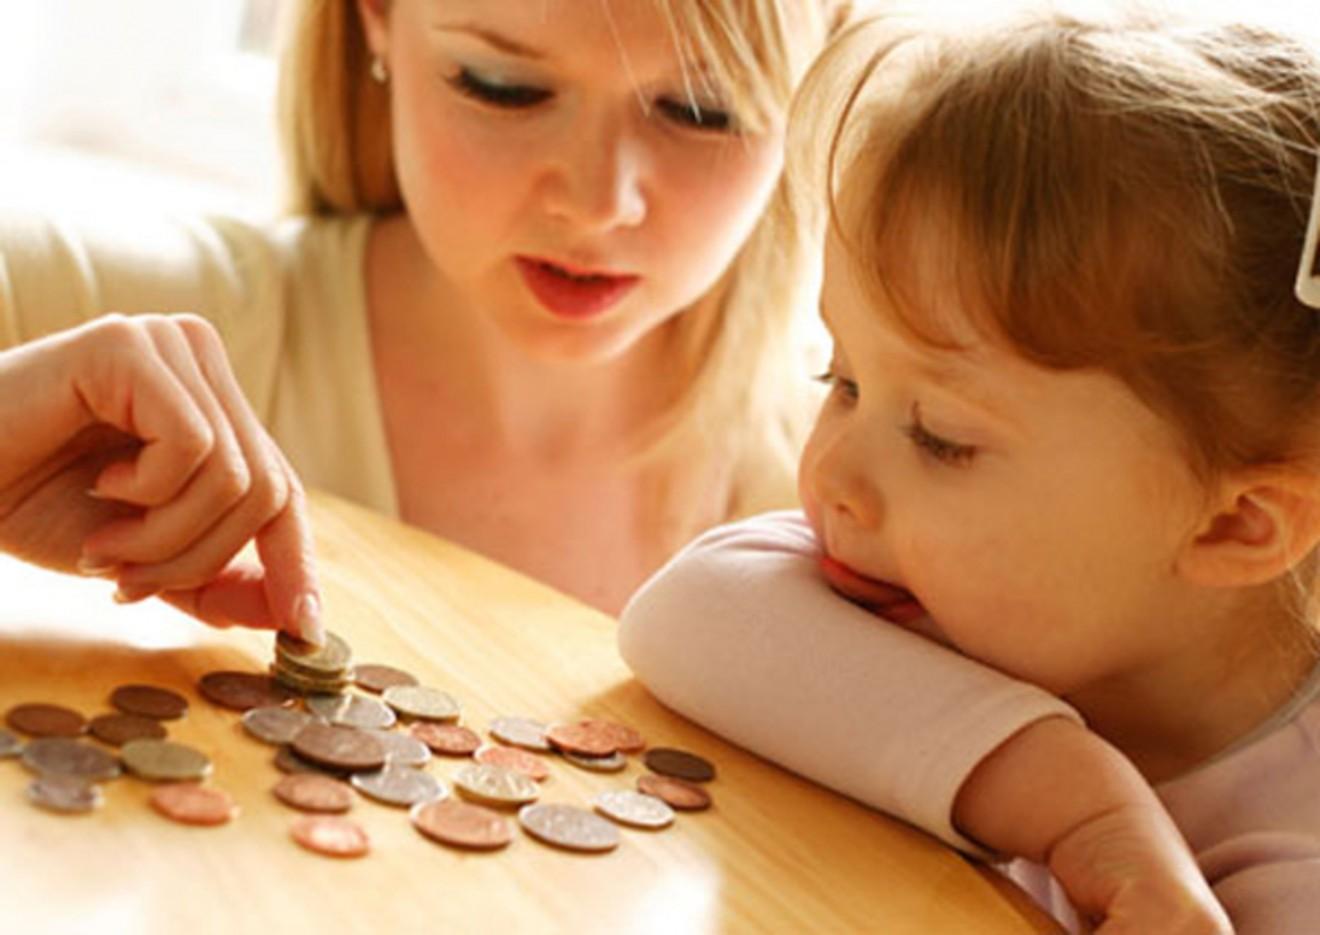 Выплаты на 4 ребенка в 2020 году в кчр